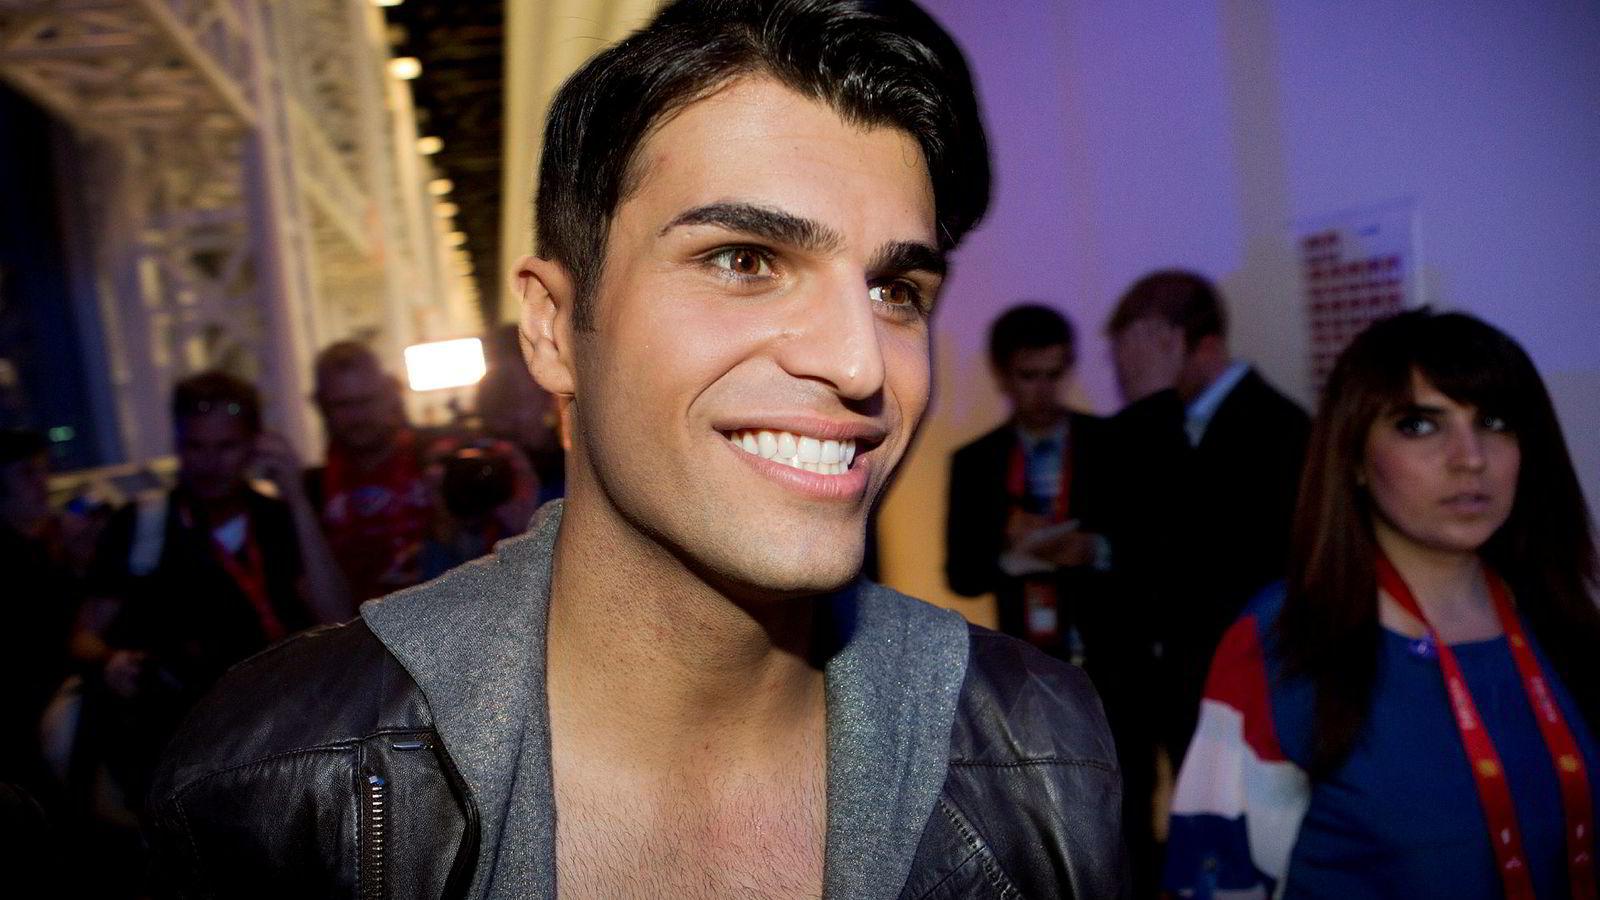 «Tooji» representerte Norge under finalen i Melodi Grand Prix i 2012, hvor han endte på sisteplass.